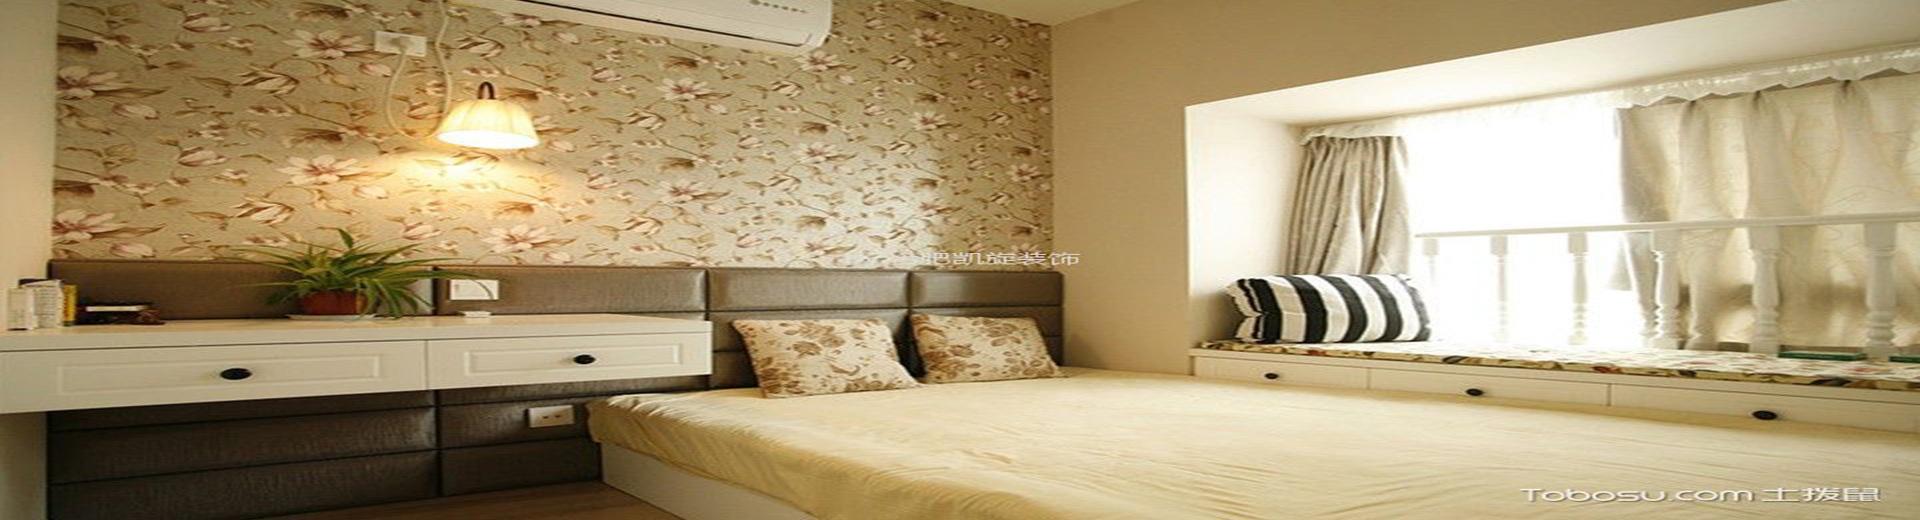 臥室榻榻米裝潢圖片,清新舒爽別致空間